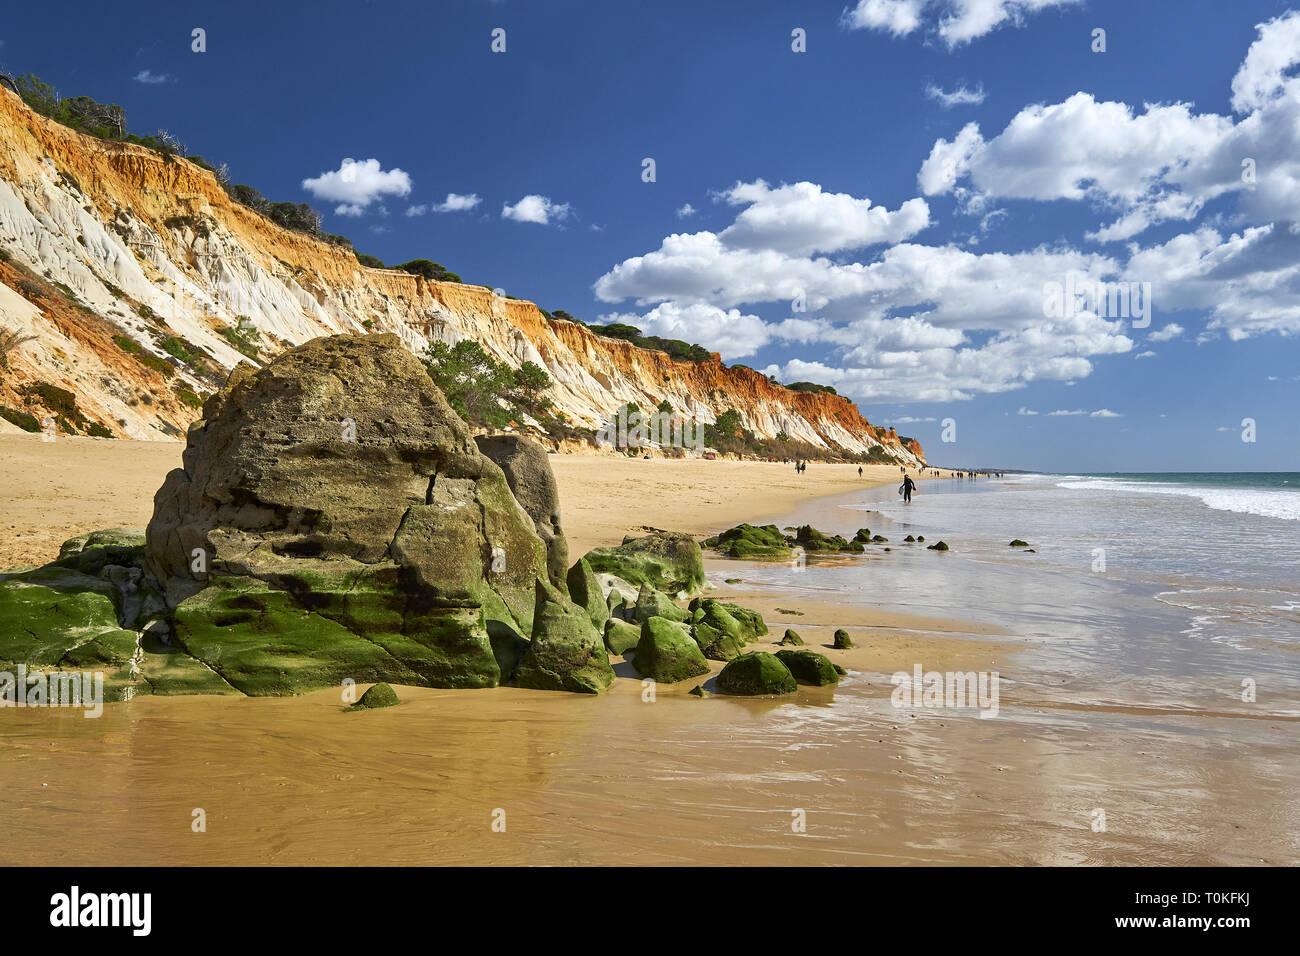 Praia da Falésia (Praia do Barranco das Belharucas), Vilamoura, Quarteira, Faro, Algarve, Portugal Stock Photo